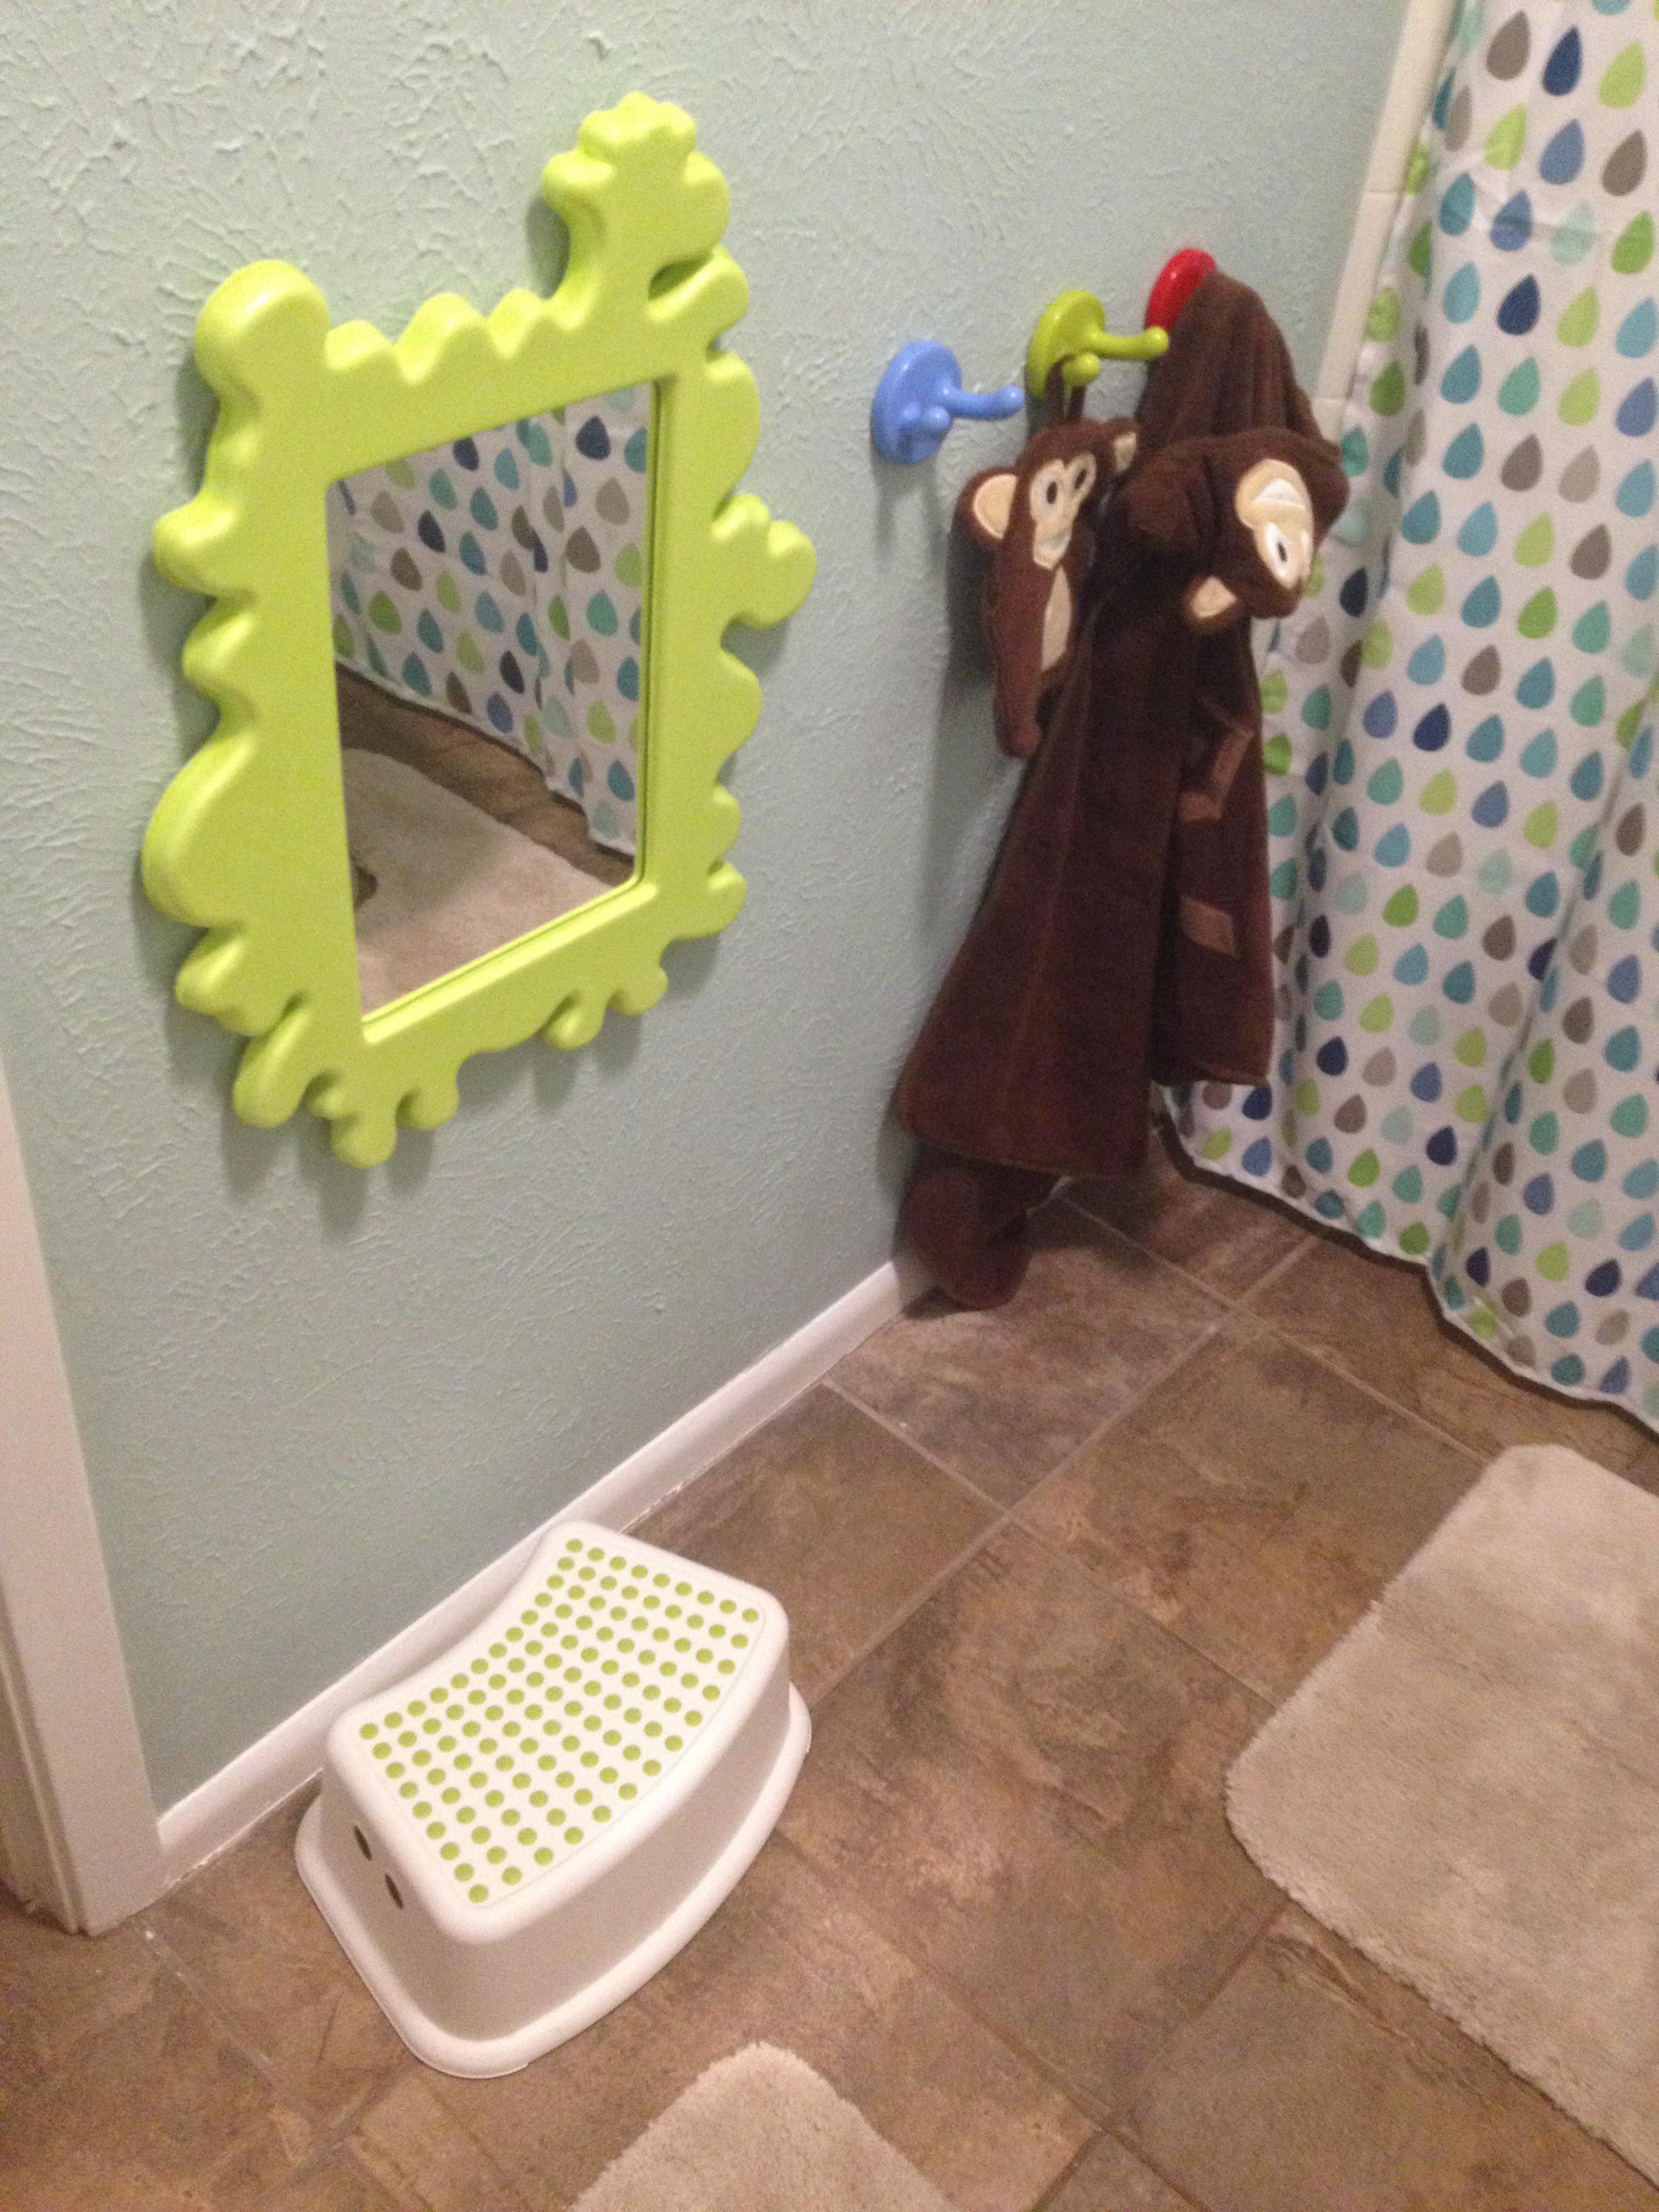 Un bagno ad altezza di bimbo sicurezza fantasia ordine ergonomia - Altezza minima bagno ...